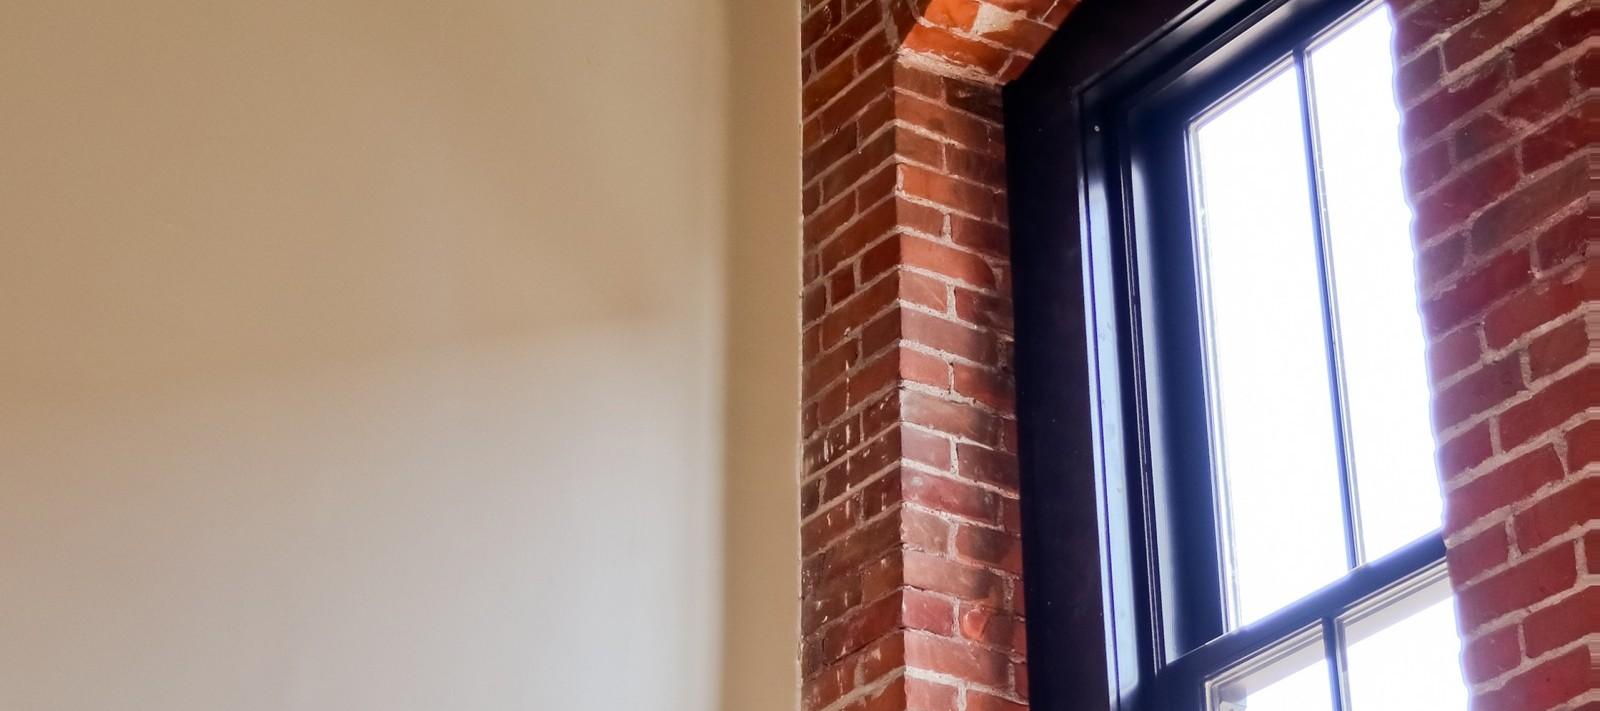 Pershing Lofts window detail